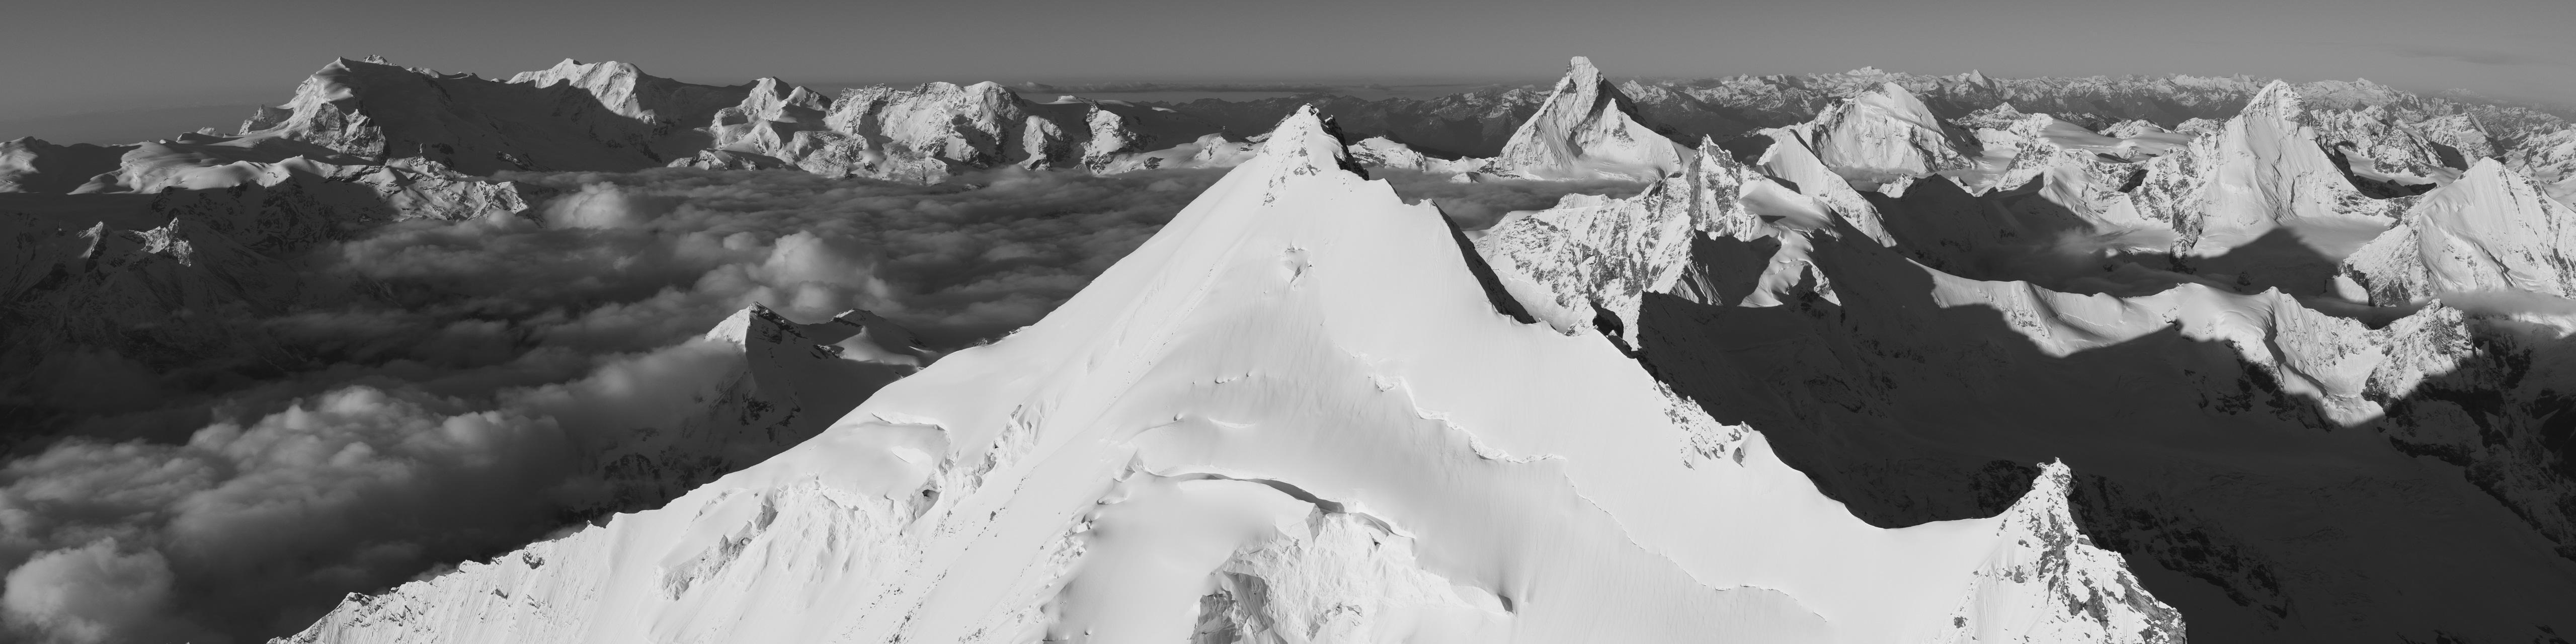 Photo panoramique noir et blanc d'une mer de nuage en montagne dans la vallée de Zermatt Val d'Anniviers